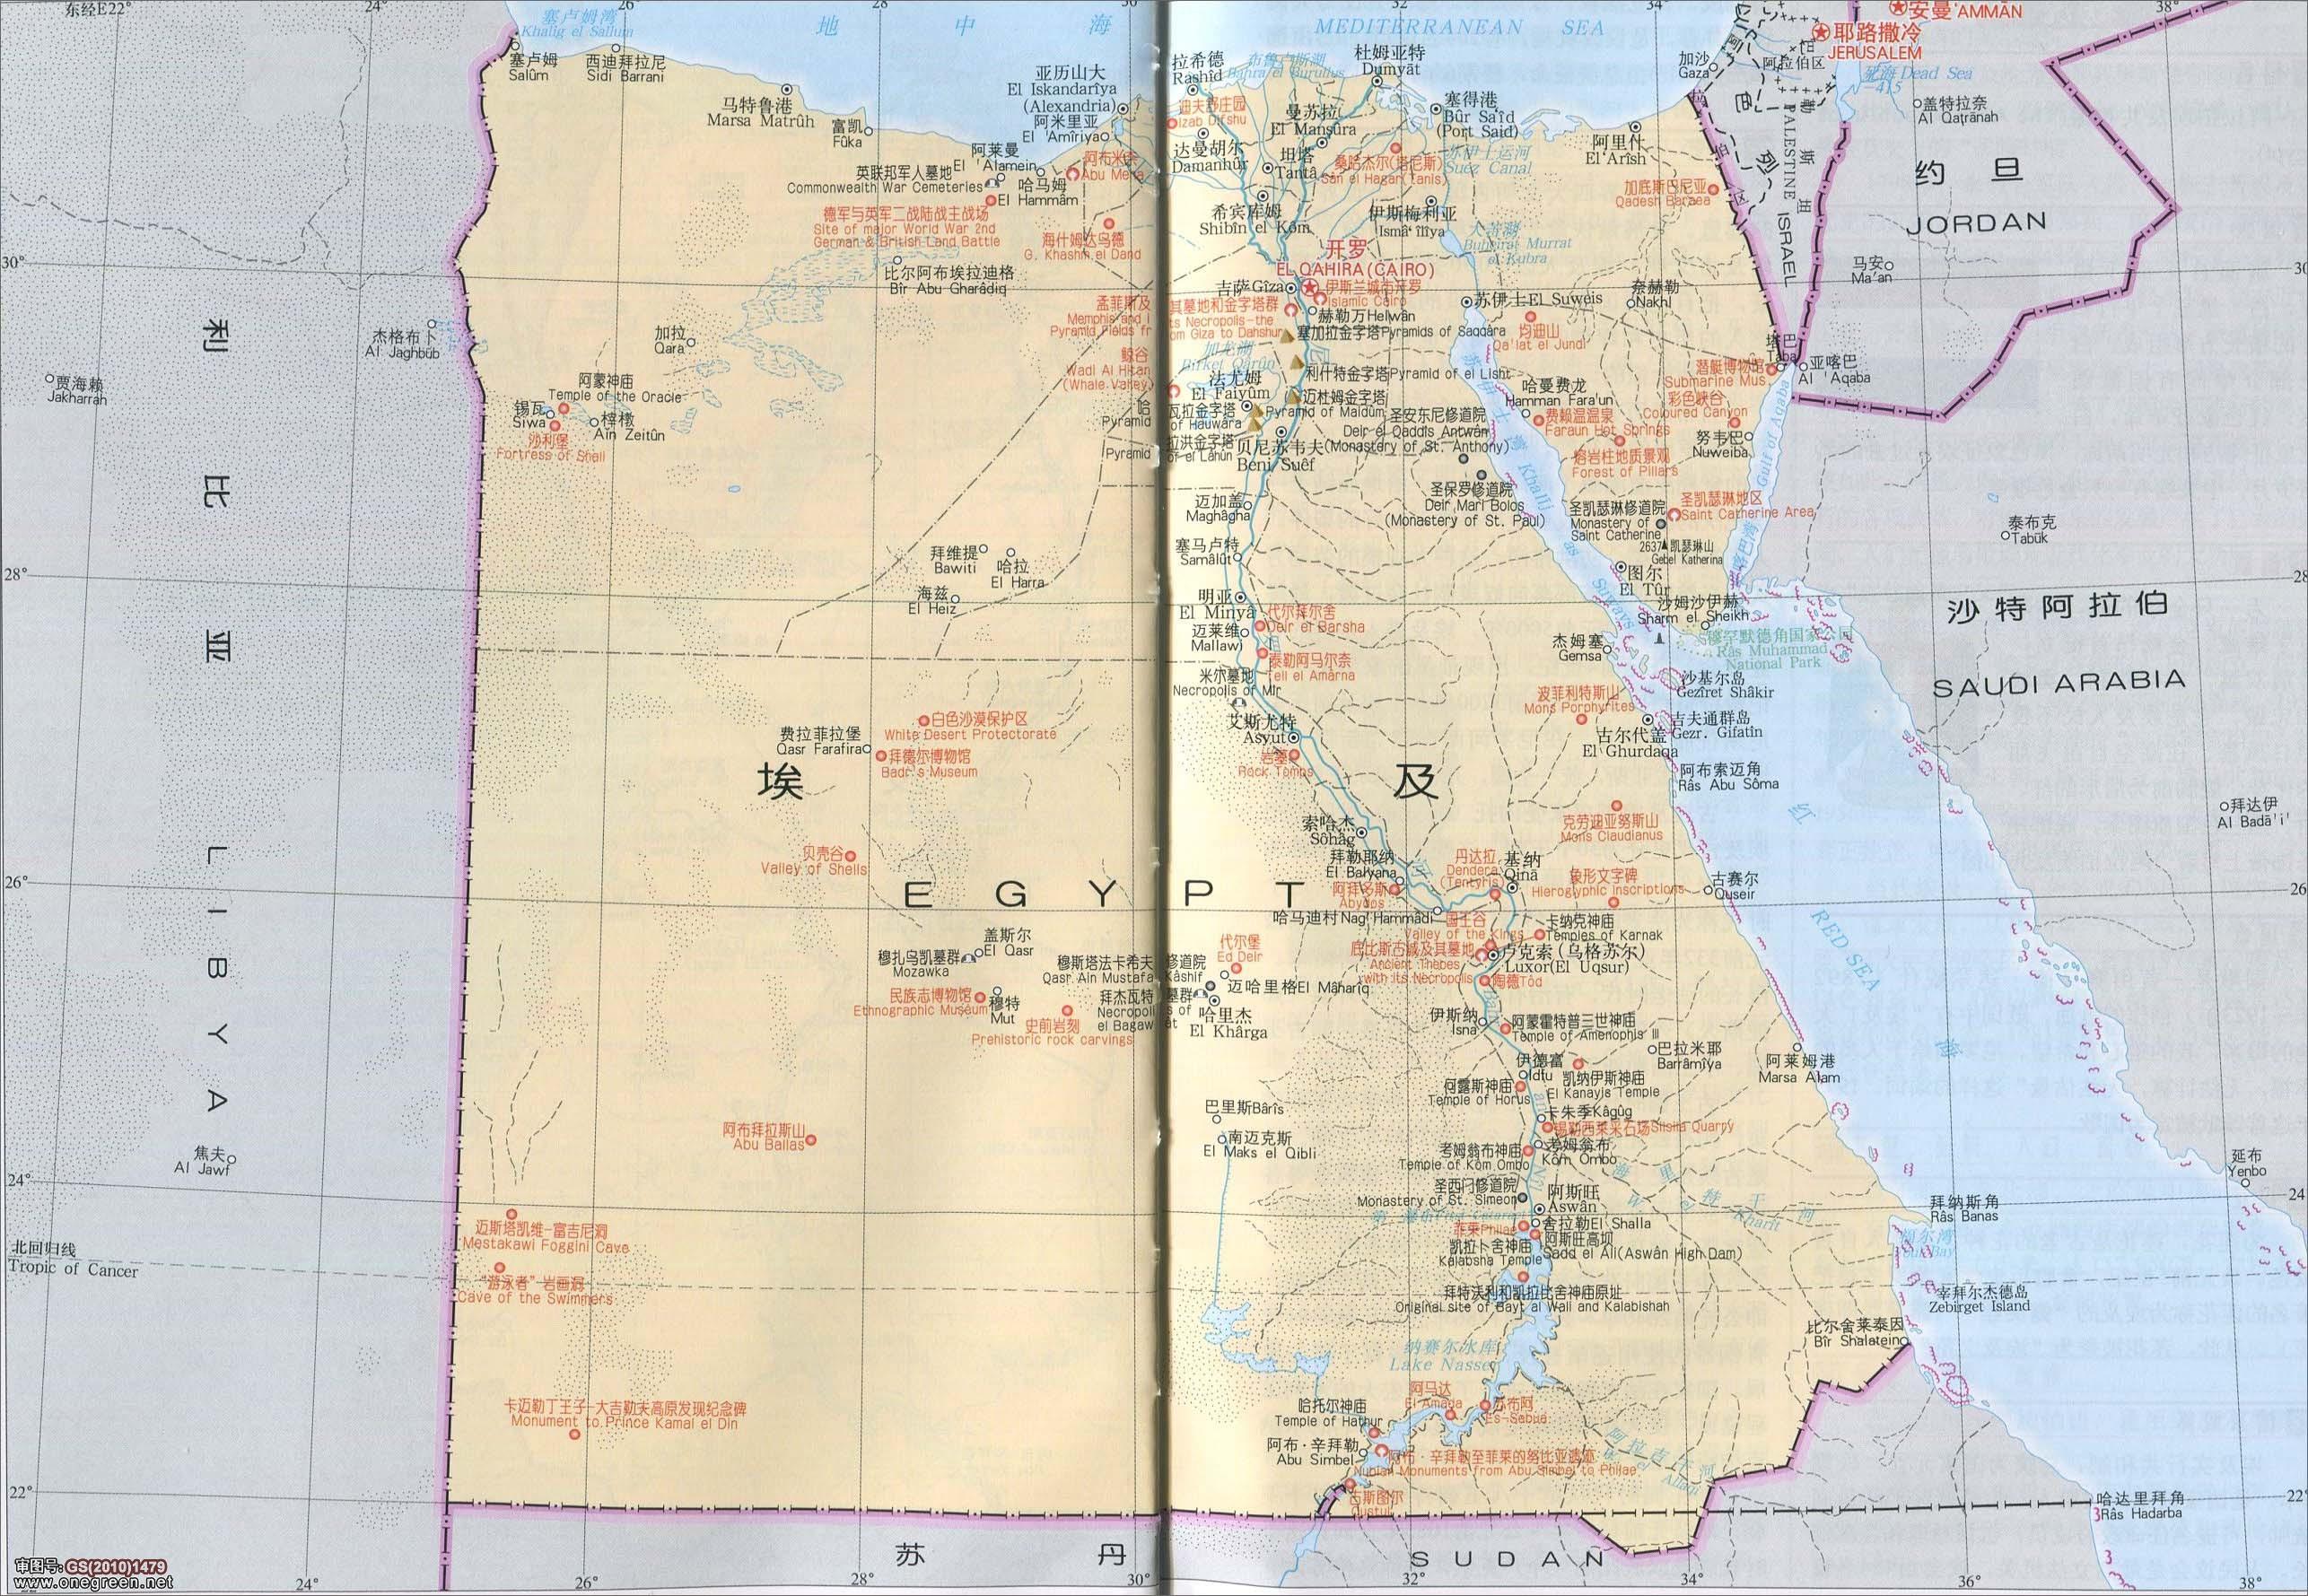 突尼斯旅游_埃及风景名胜地图_埃及地图库_地图窝